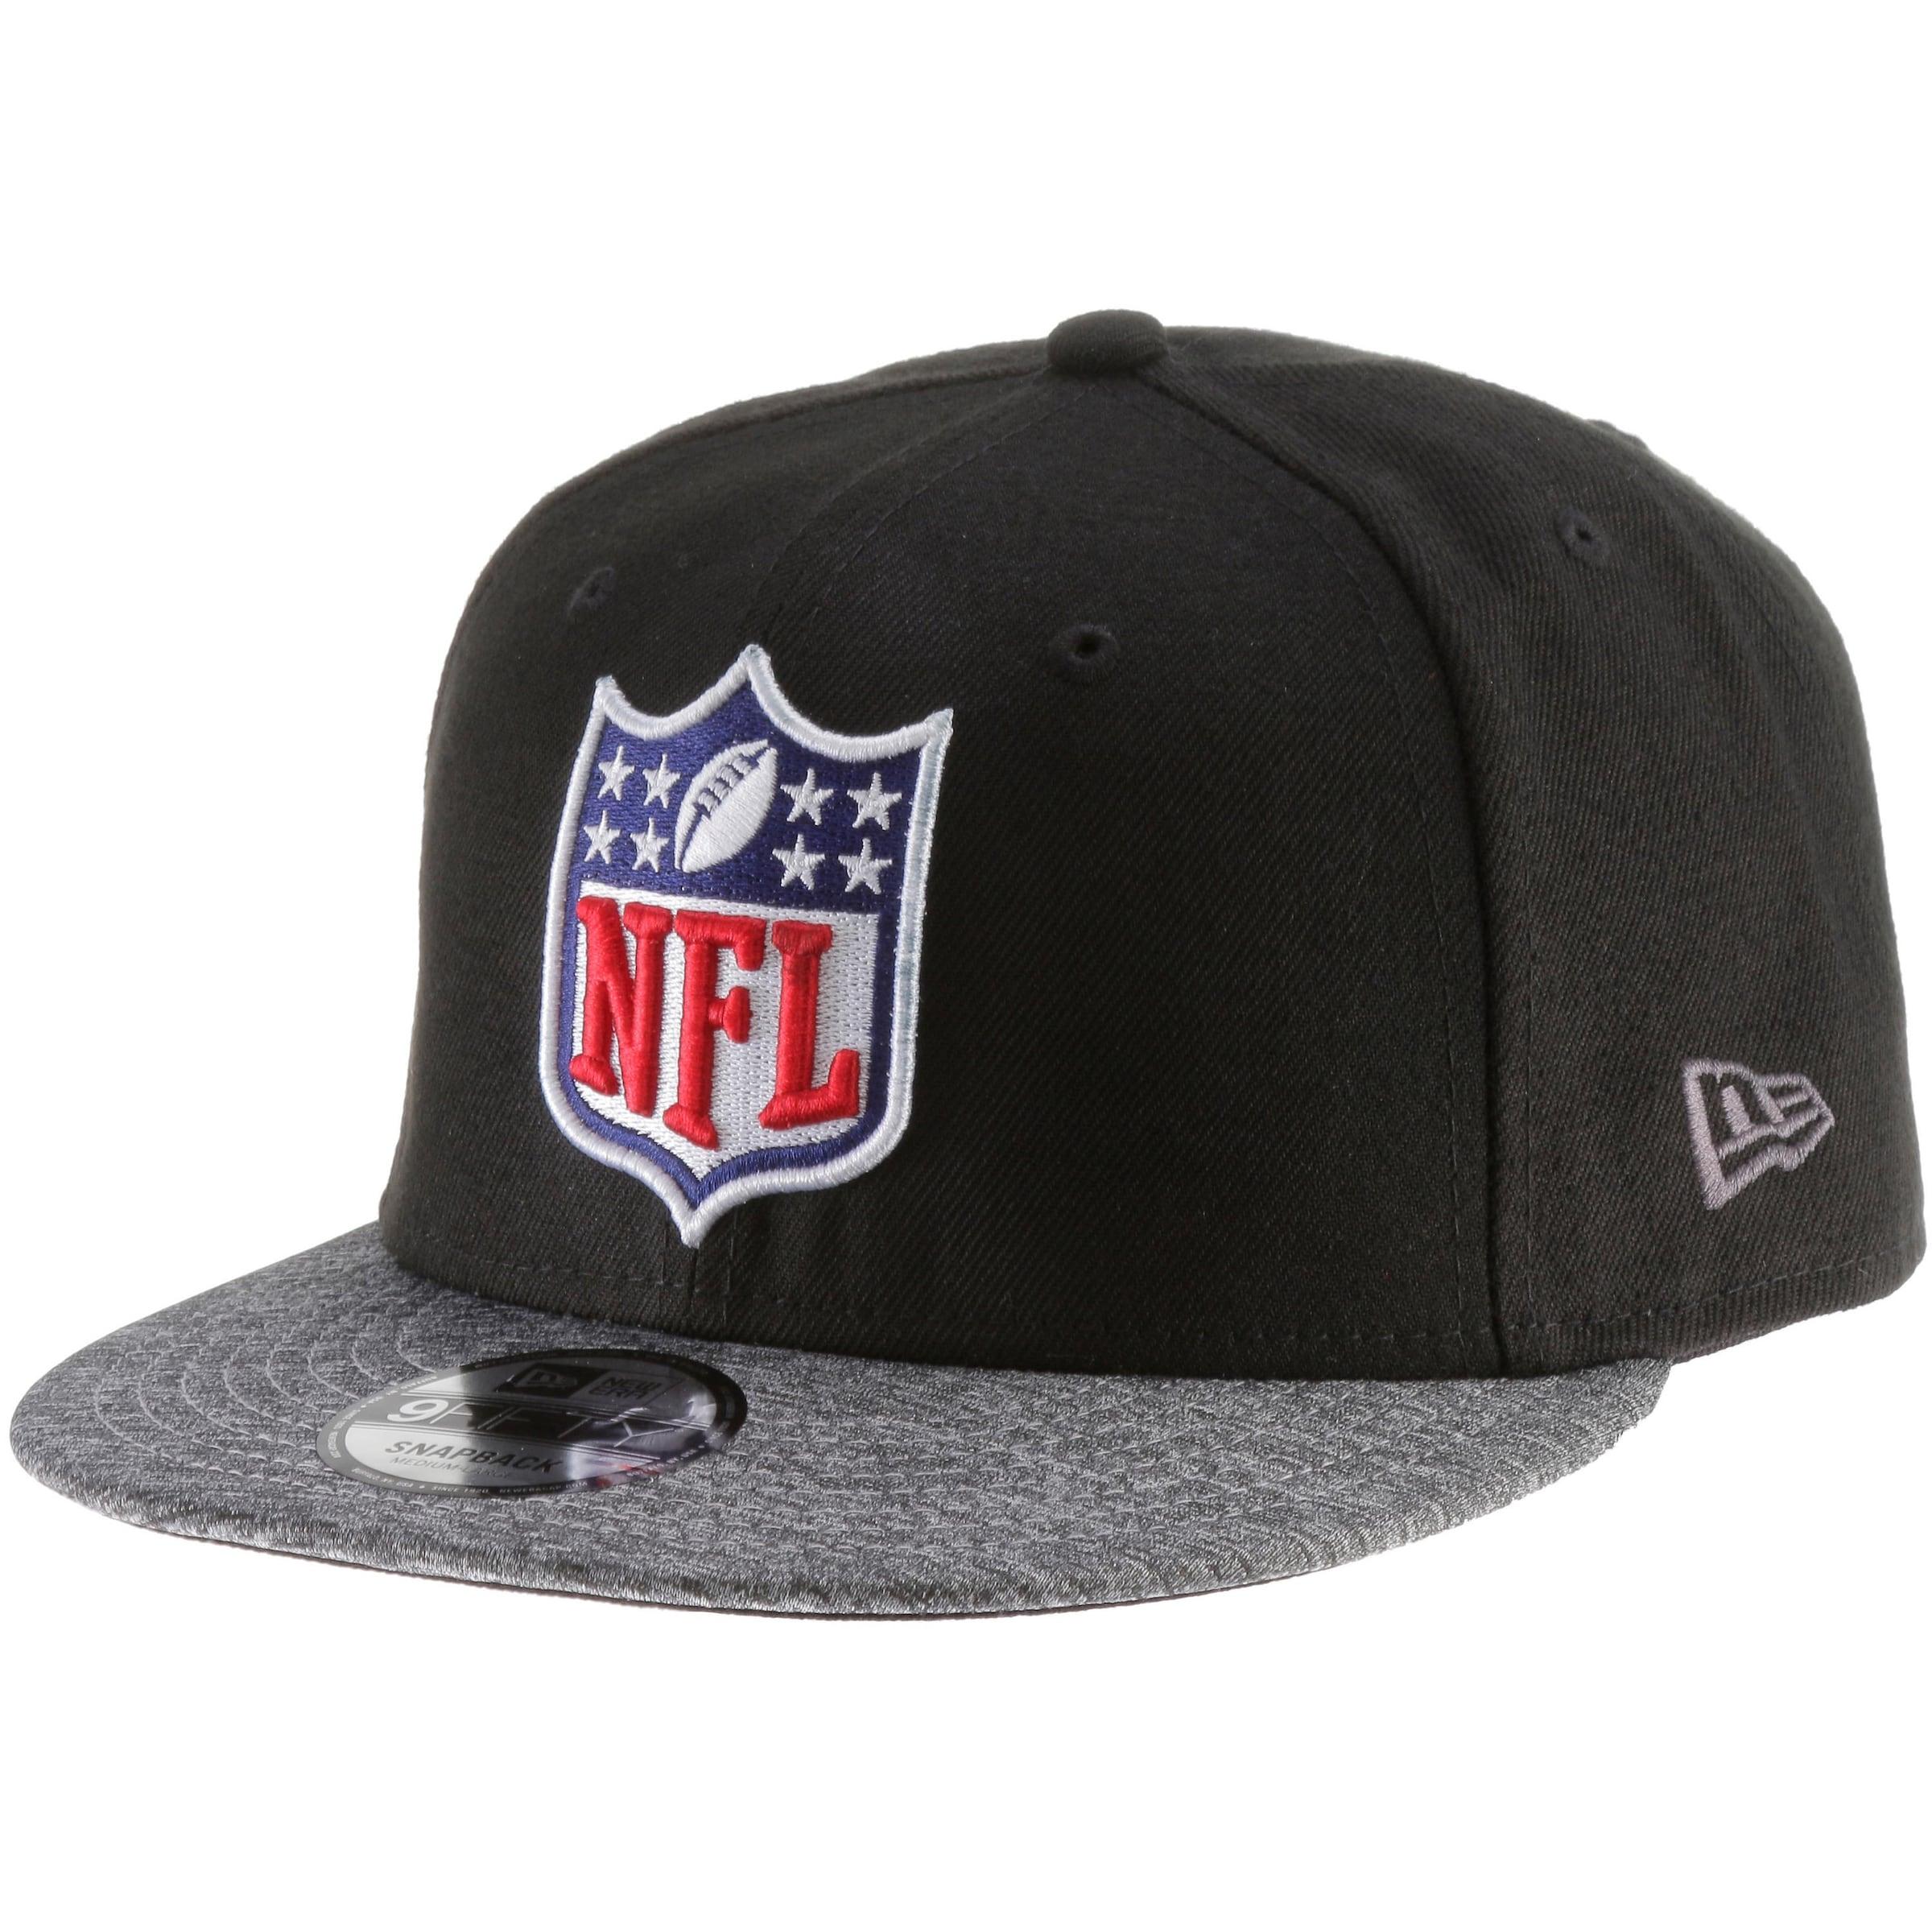 Online-Verkauf Rabatt Sehr Billig NEW ERA NFL 9FIFTY Cap 2018 Günstig Online Verkauf Schnelle Lieferung Günstig Kaufen 2018 Unisex 3mFkL4lX